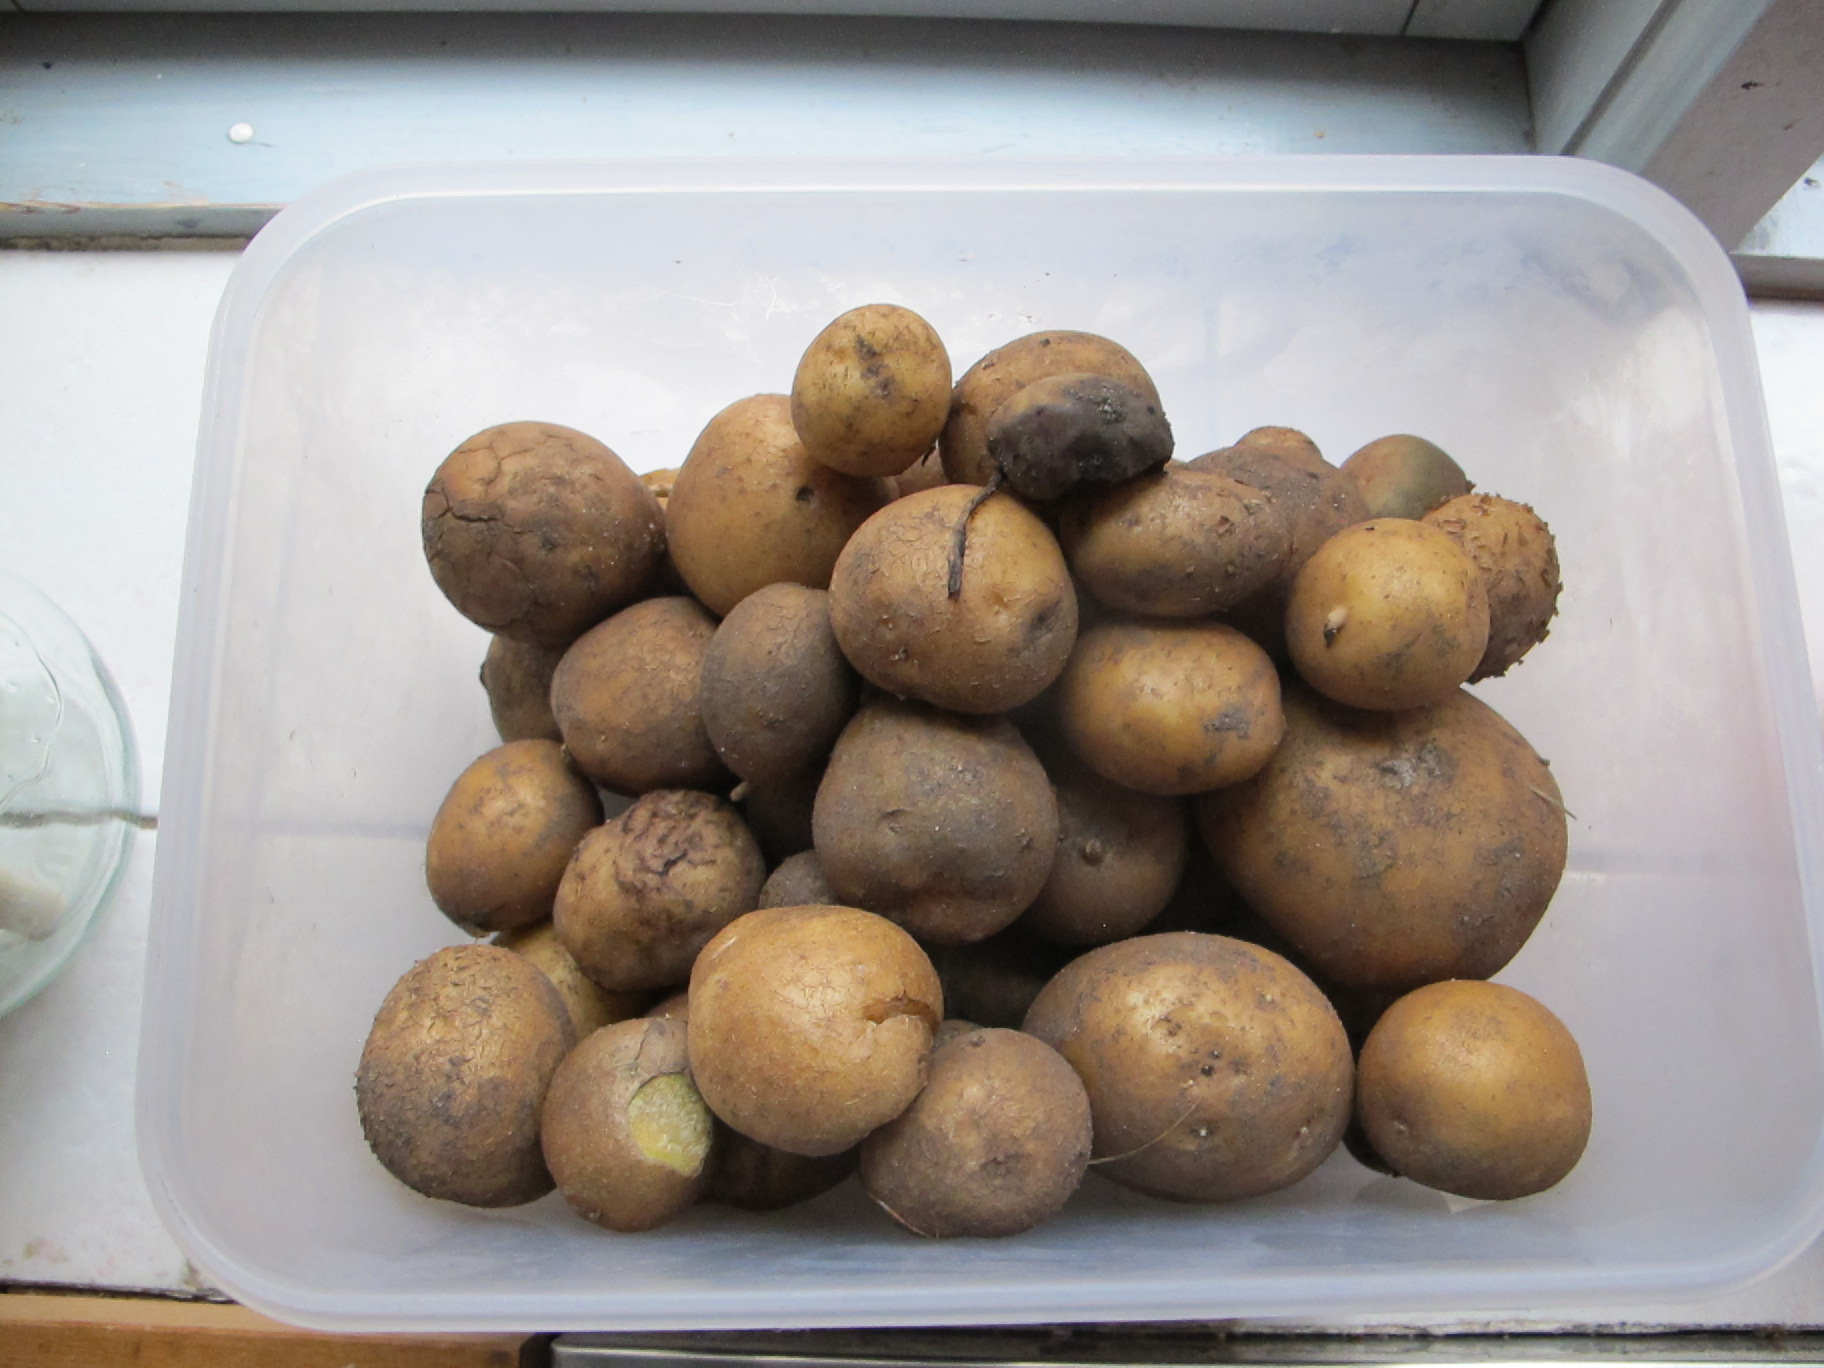 Så er der sørme egne kartofler igen. Netop som jeg var løbet tør. Tak, Berith!